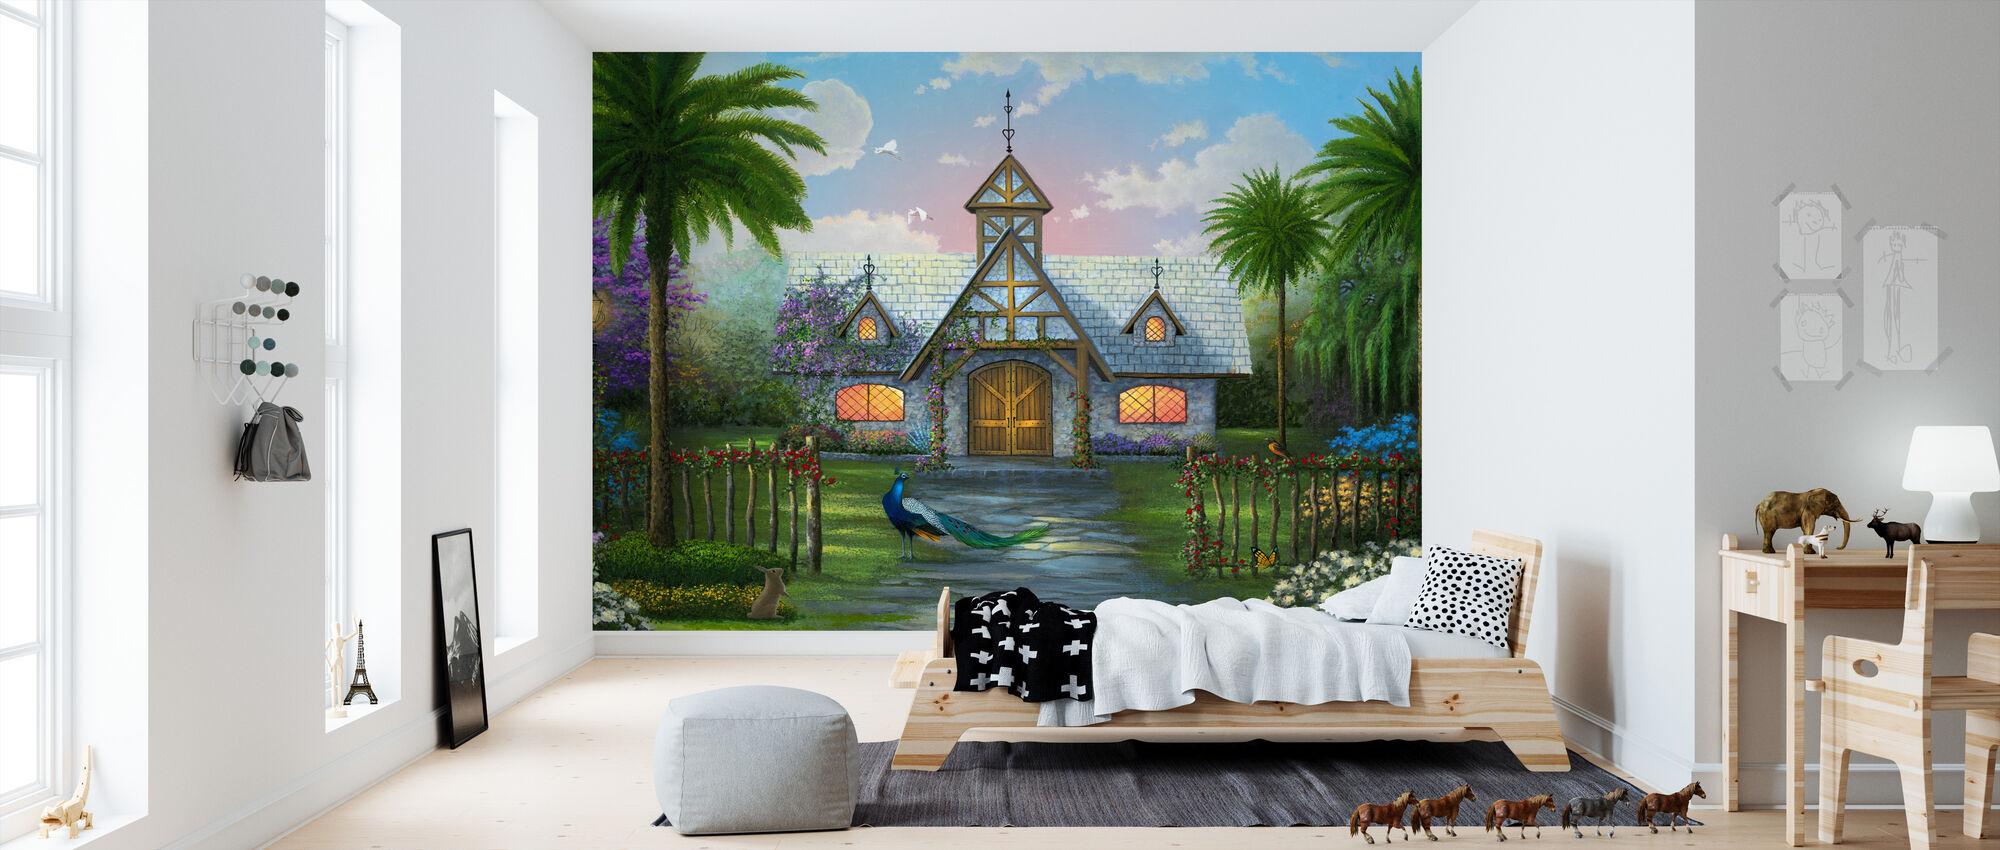 Paradise hytte - Tapet - Barnerom